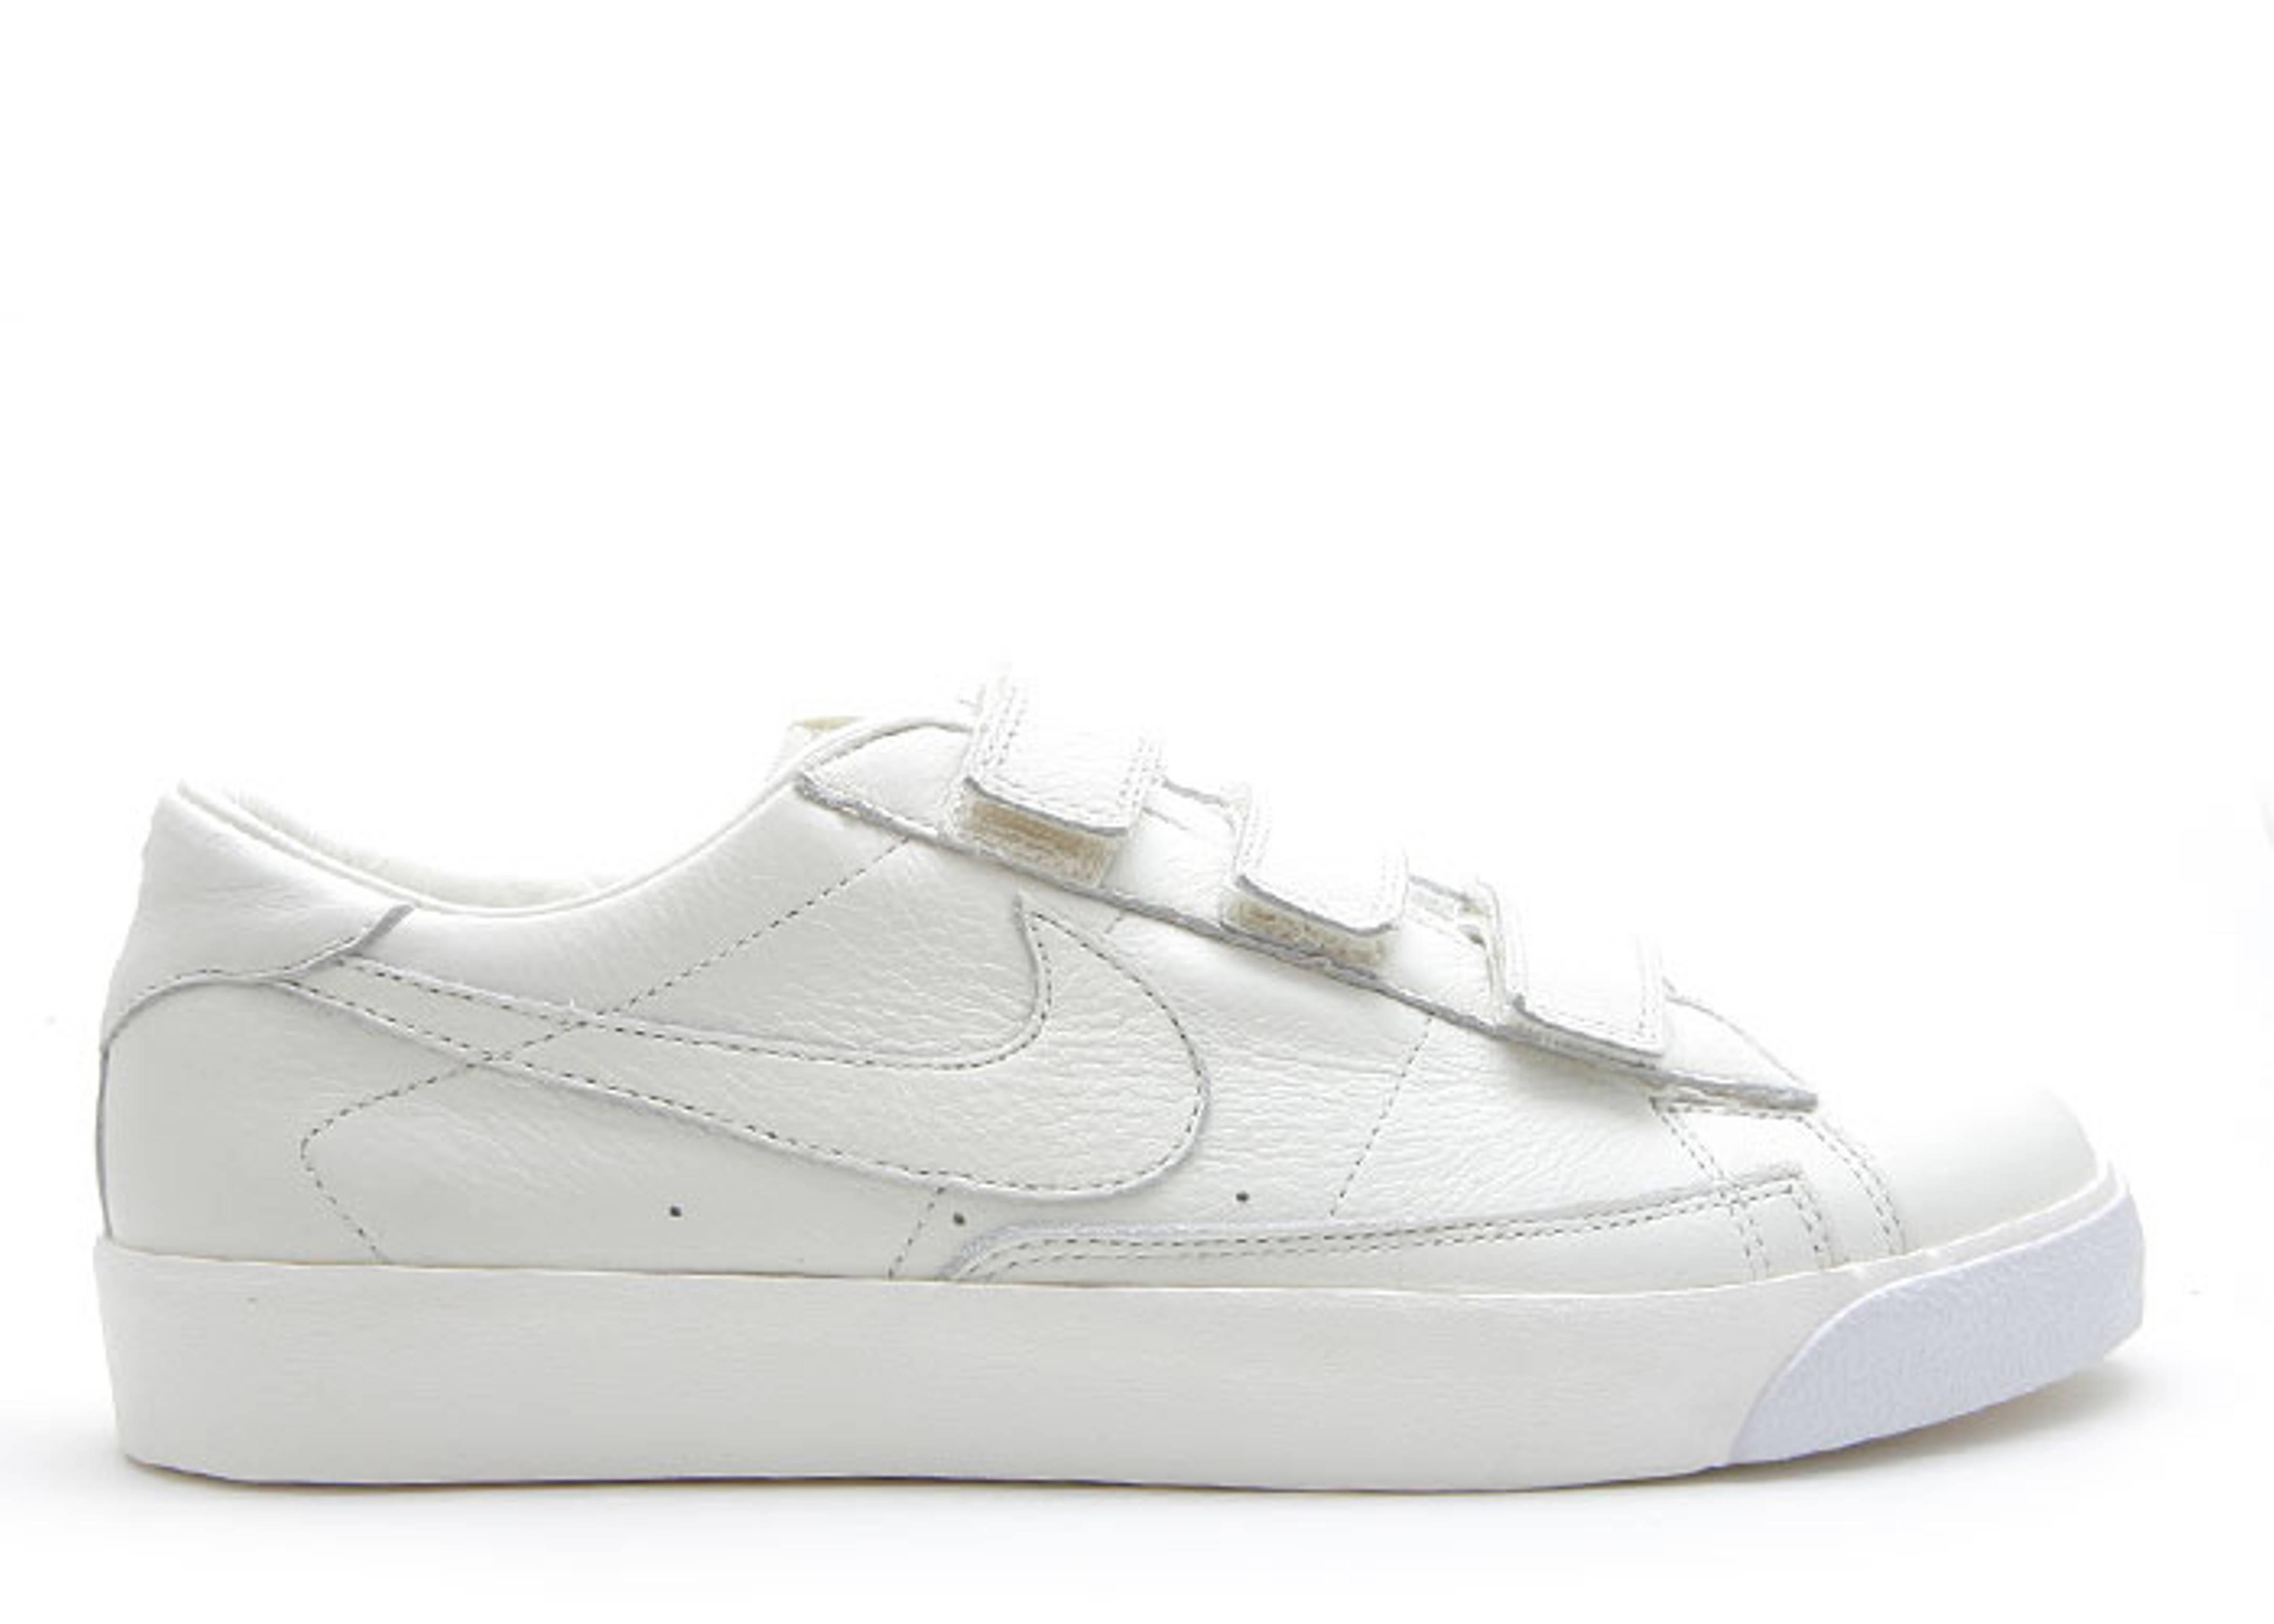 vente authentique Nike Blazer Faible Accessoire Velcro sortie 25SLh